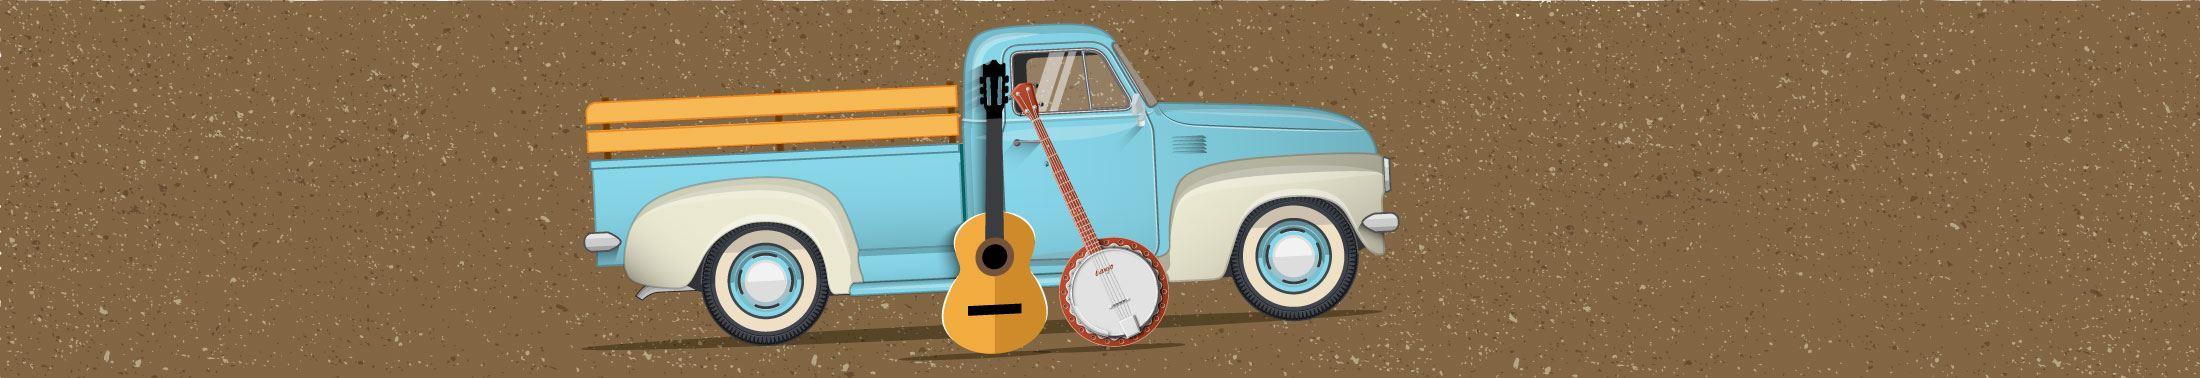 Illustration of a vintage blue truck, a guitar and banjo